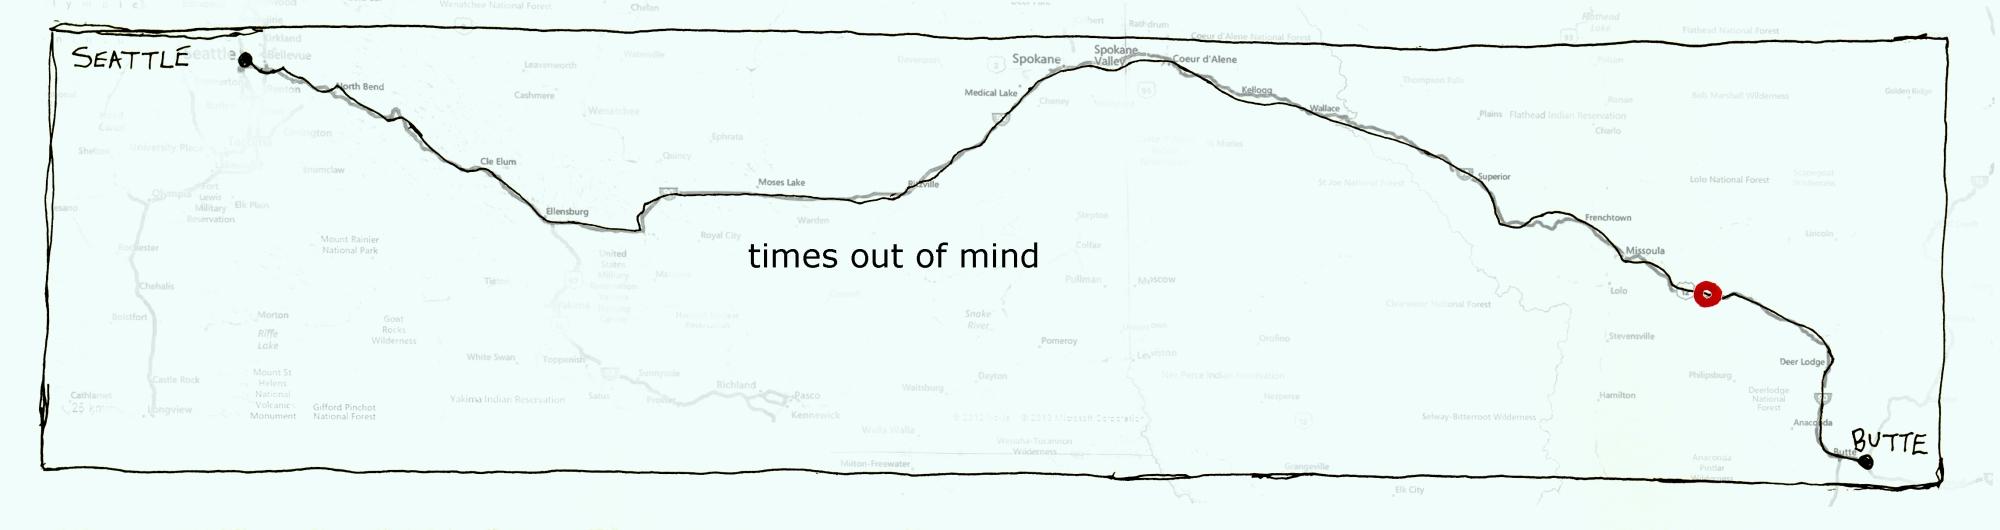 421 map